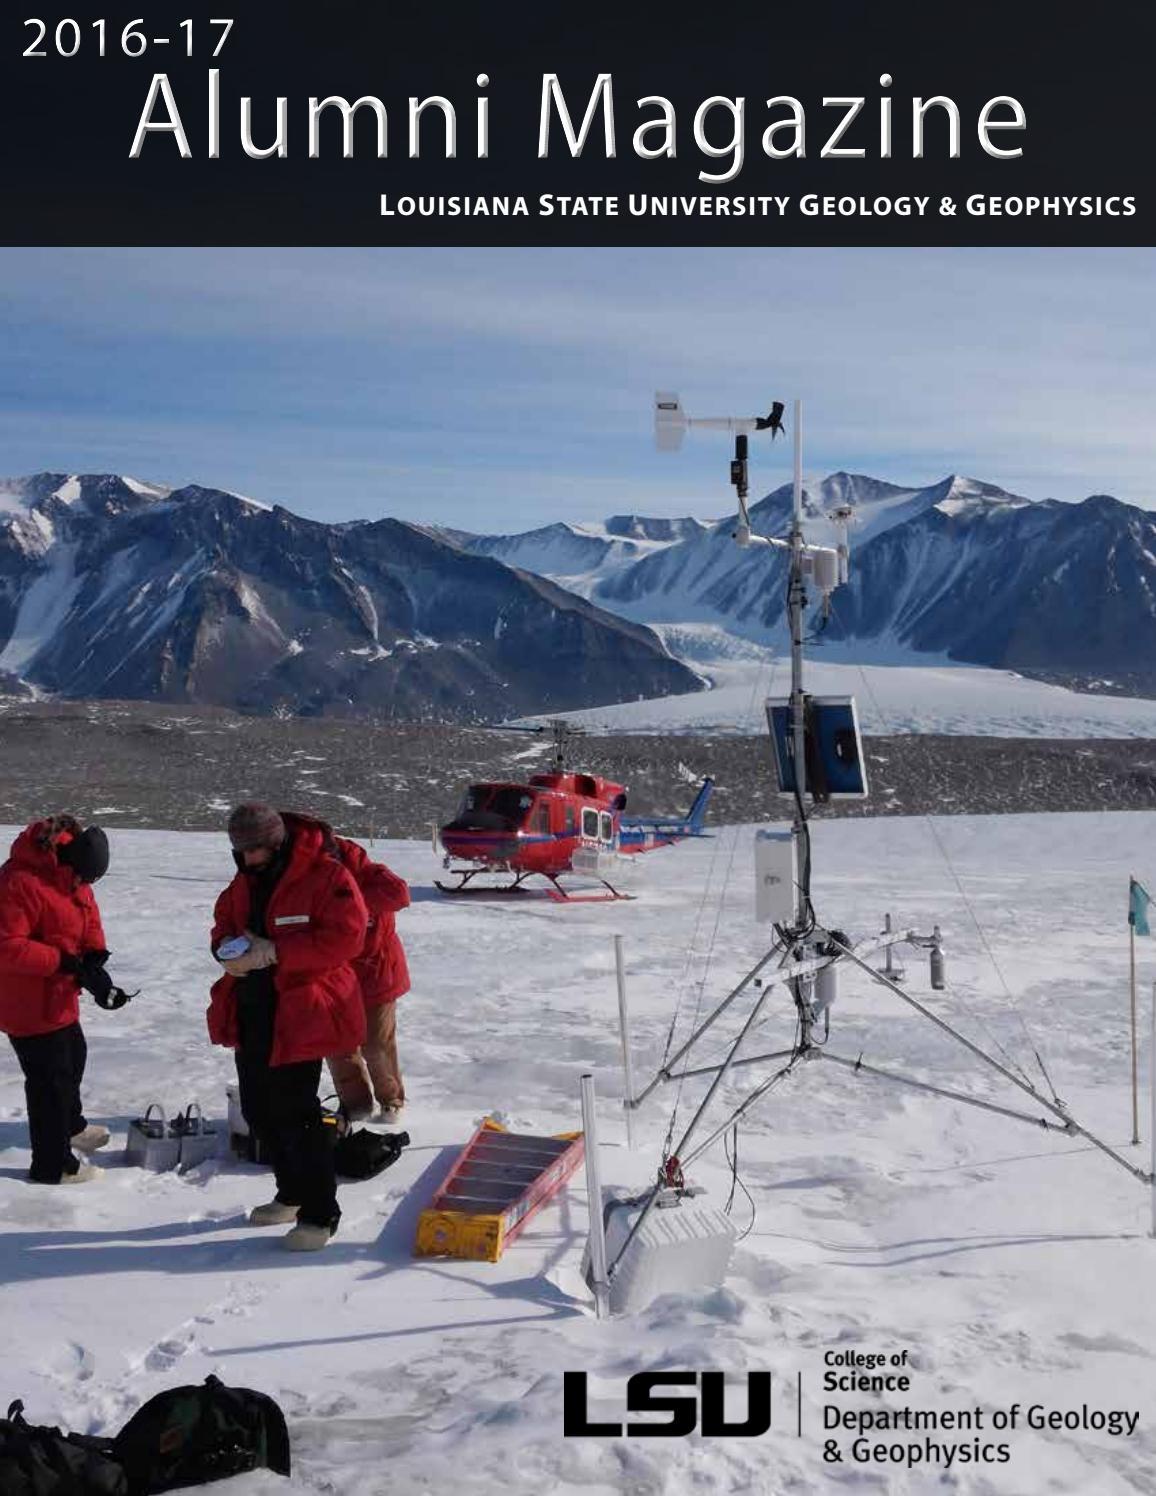 LSU Geology & Geophysics 2016-17 Alumni Magazine by LSU Geology &  Geophysics - issuu